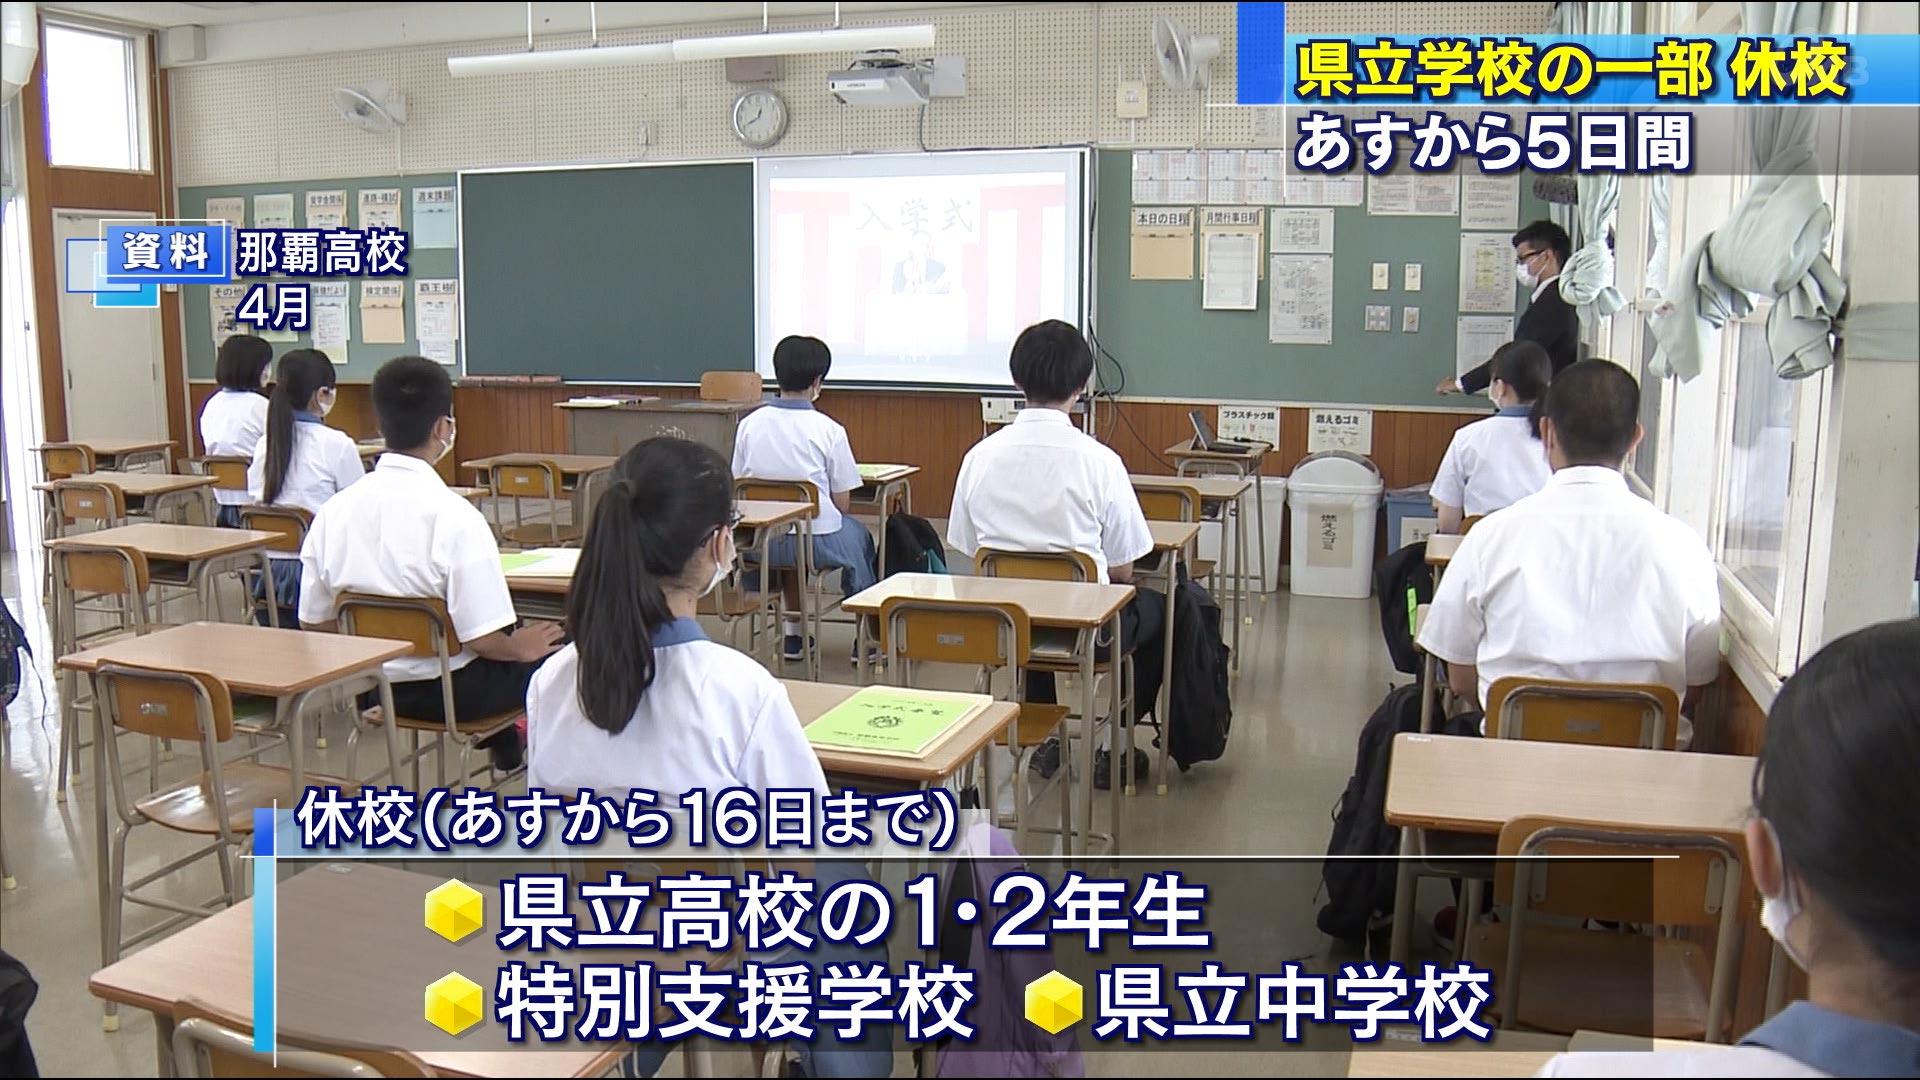 県立学校と小中学校の一部で休校